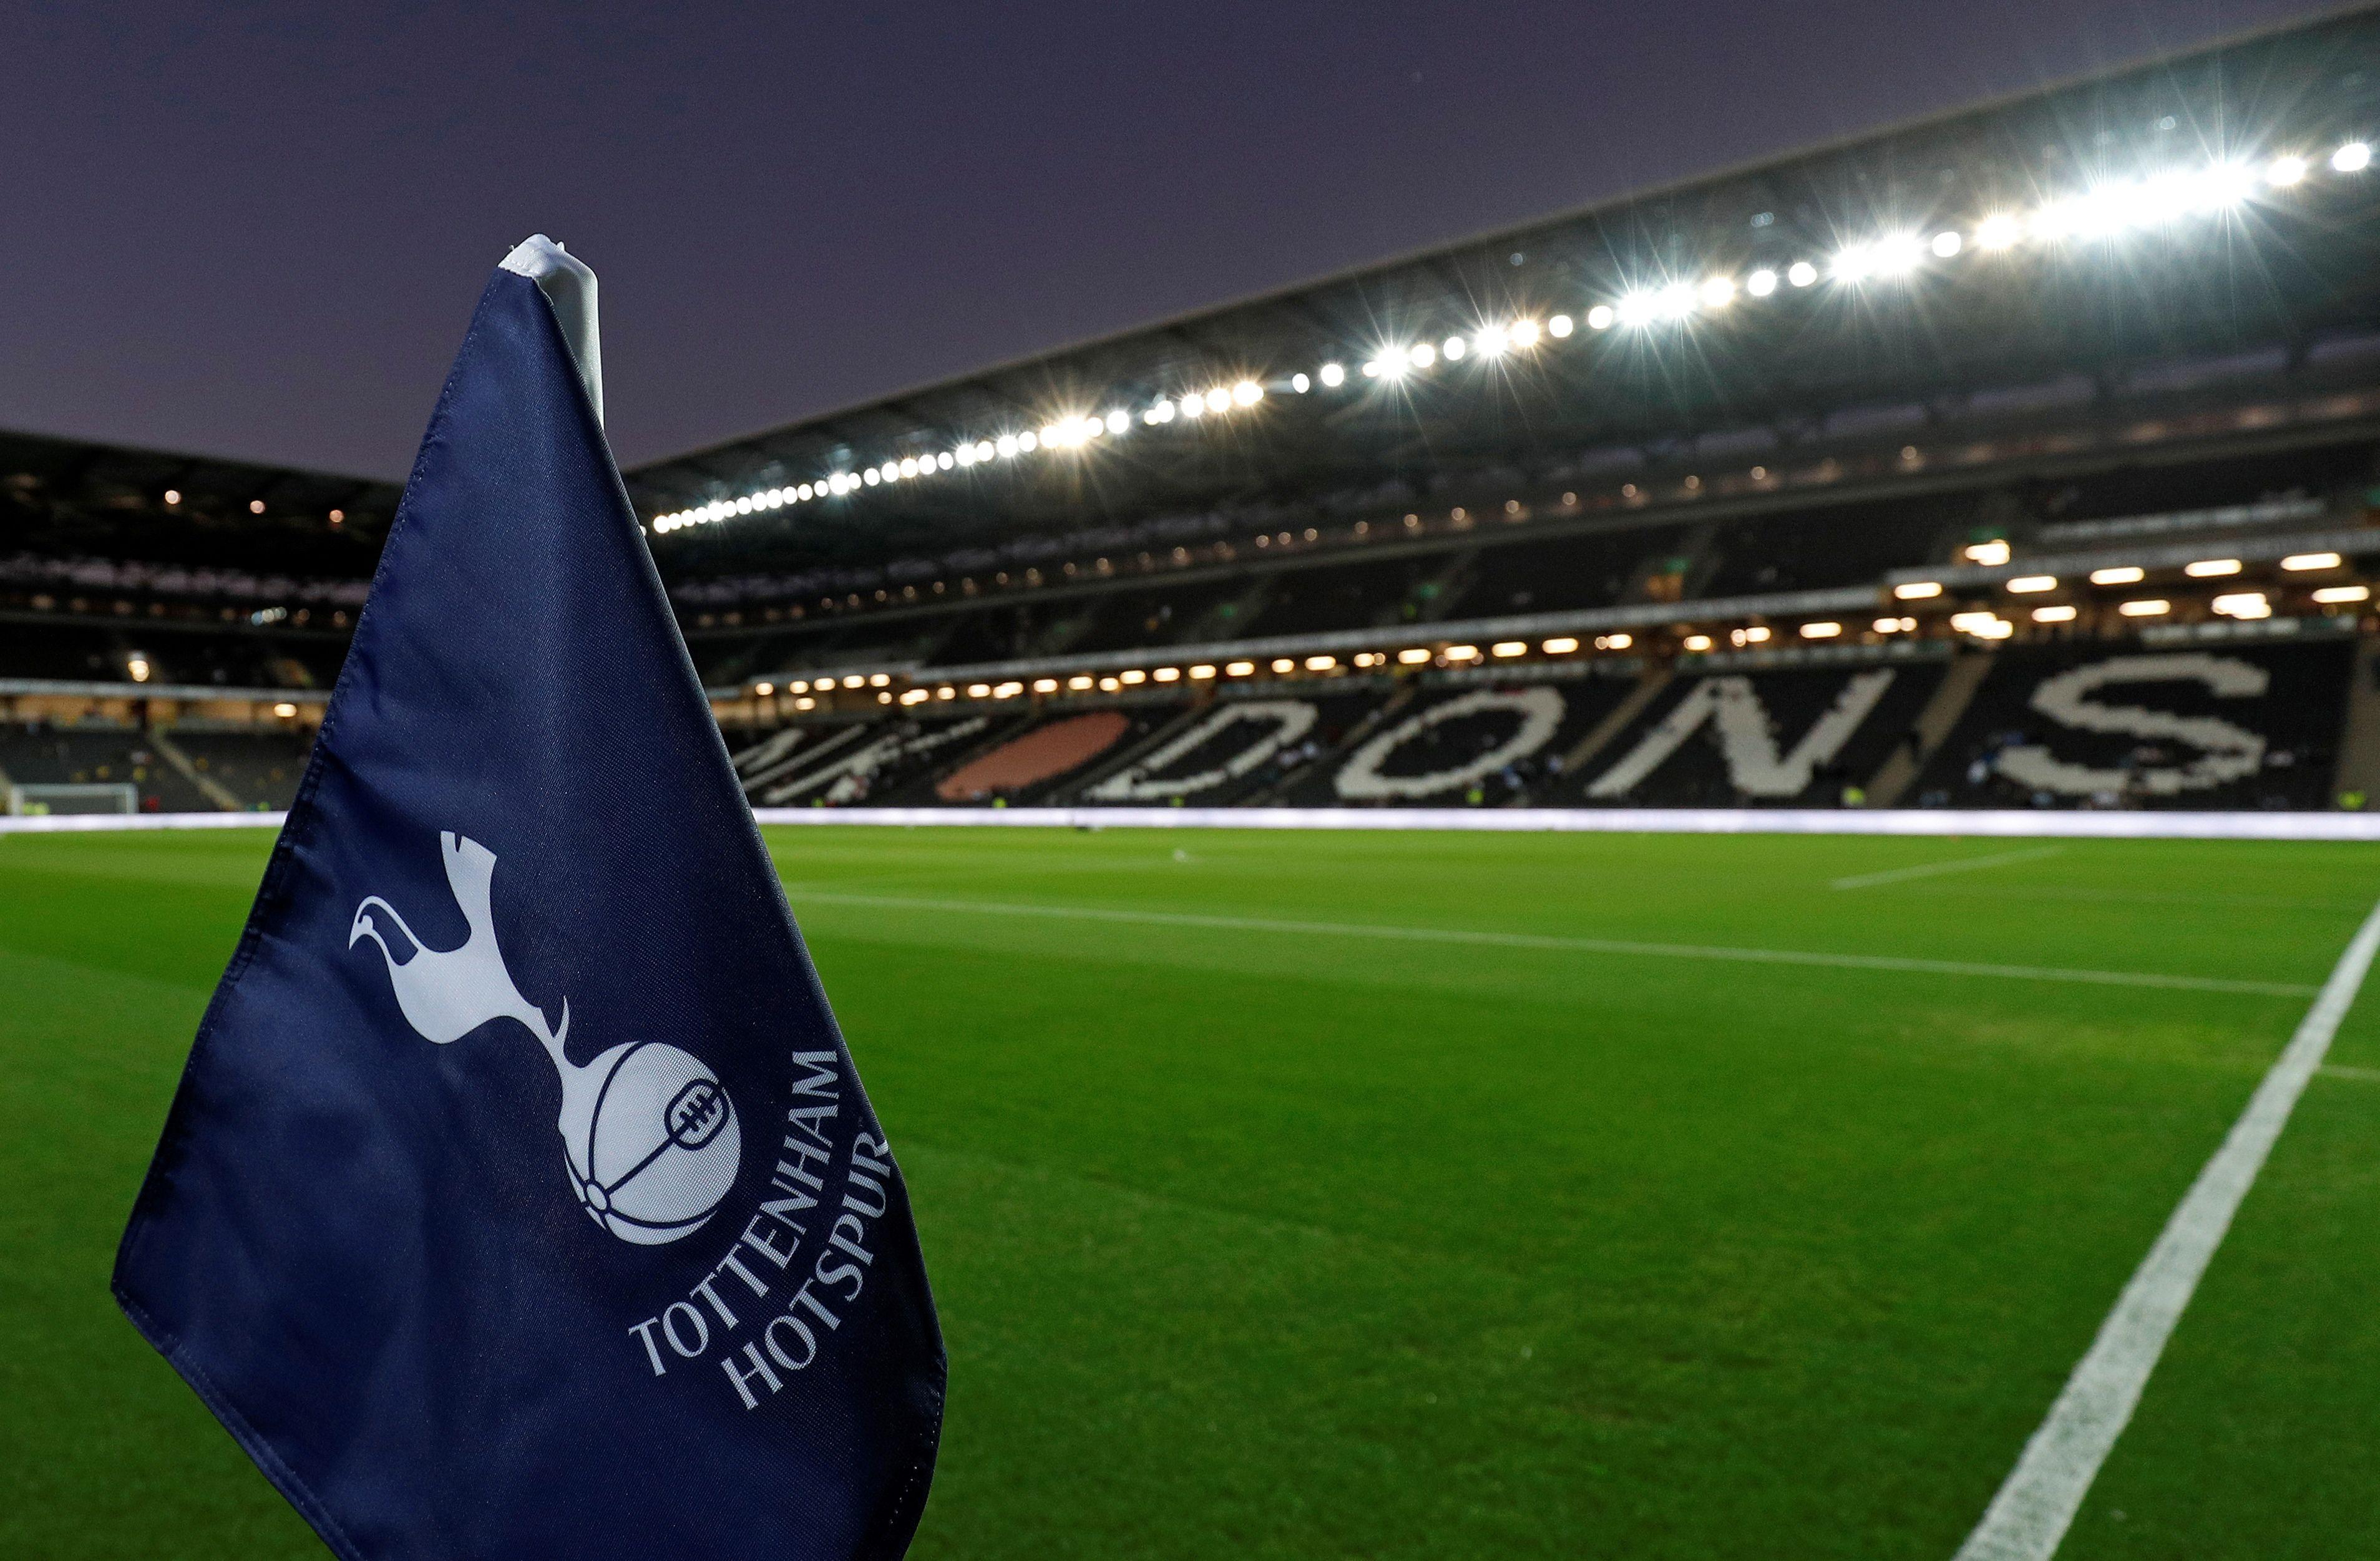 Stadium MK Tottenham Hotspur